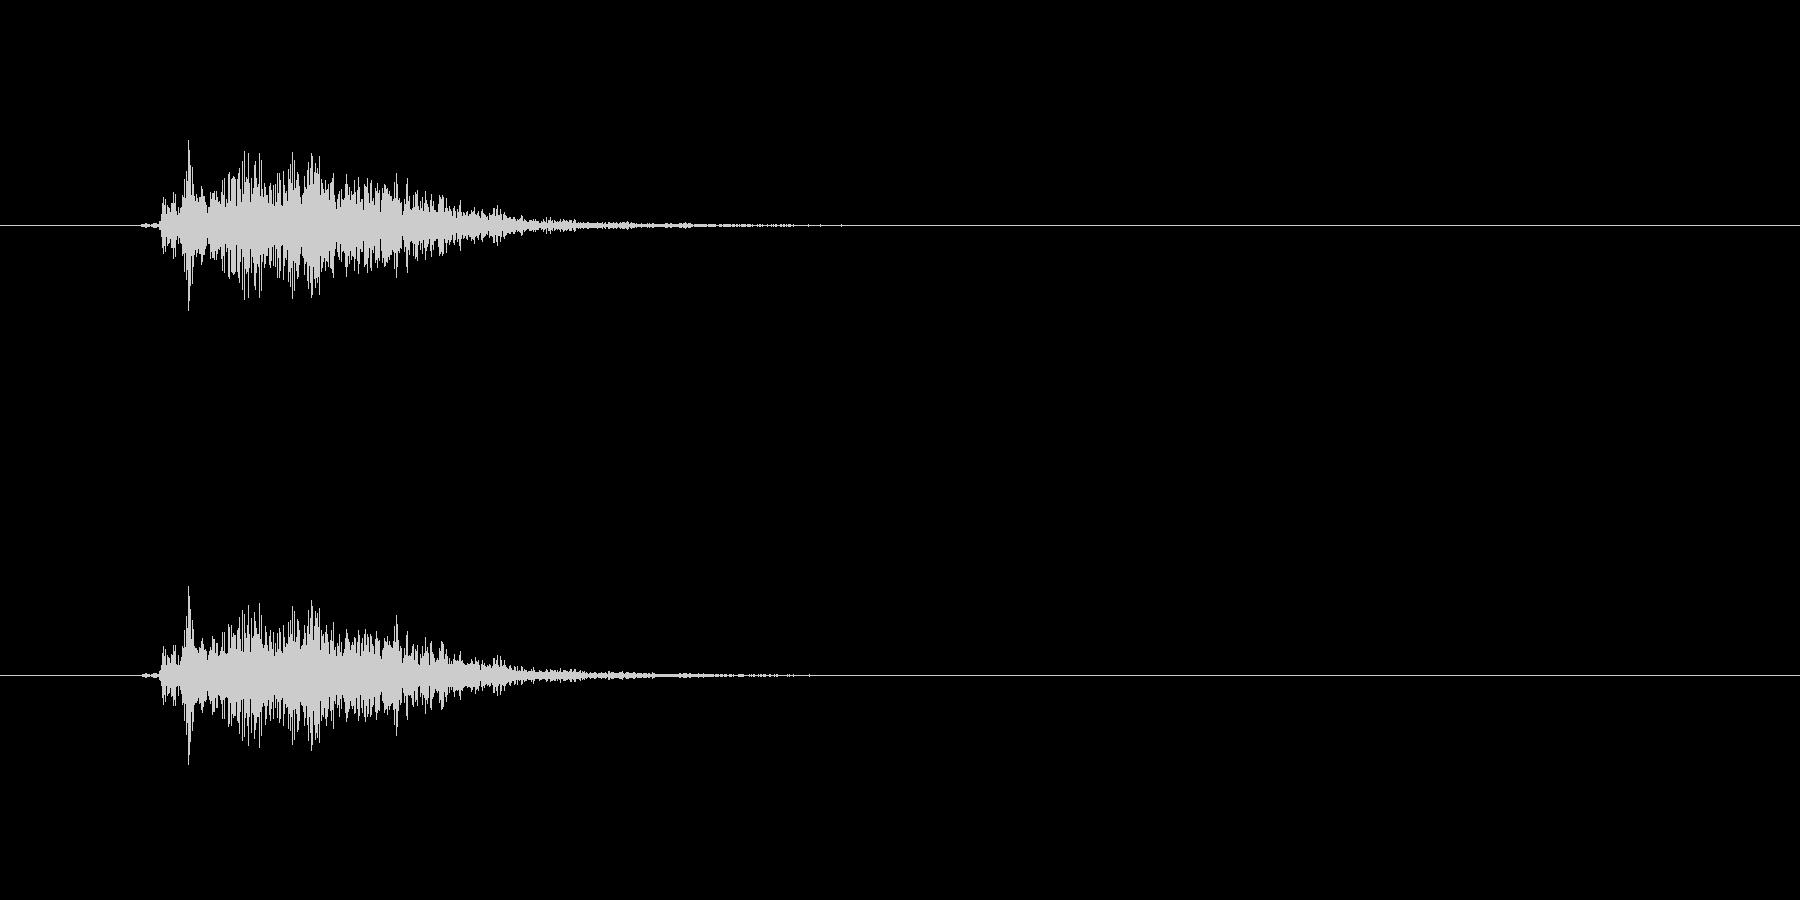 【モンスター02-05】の未再生の波形